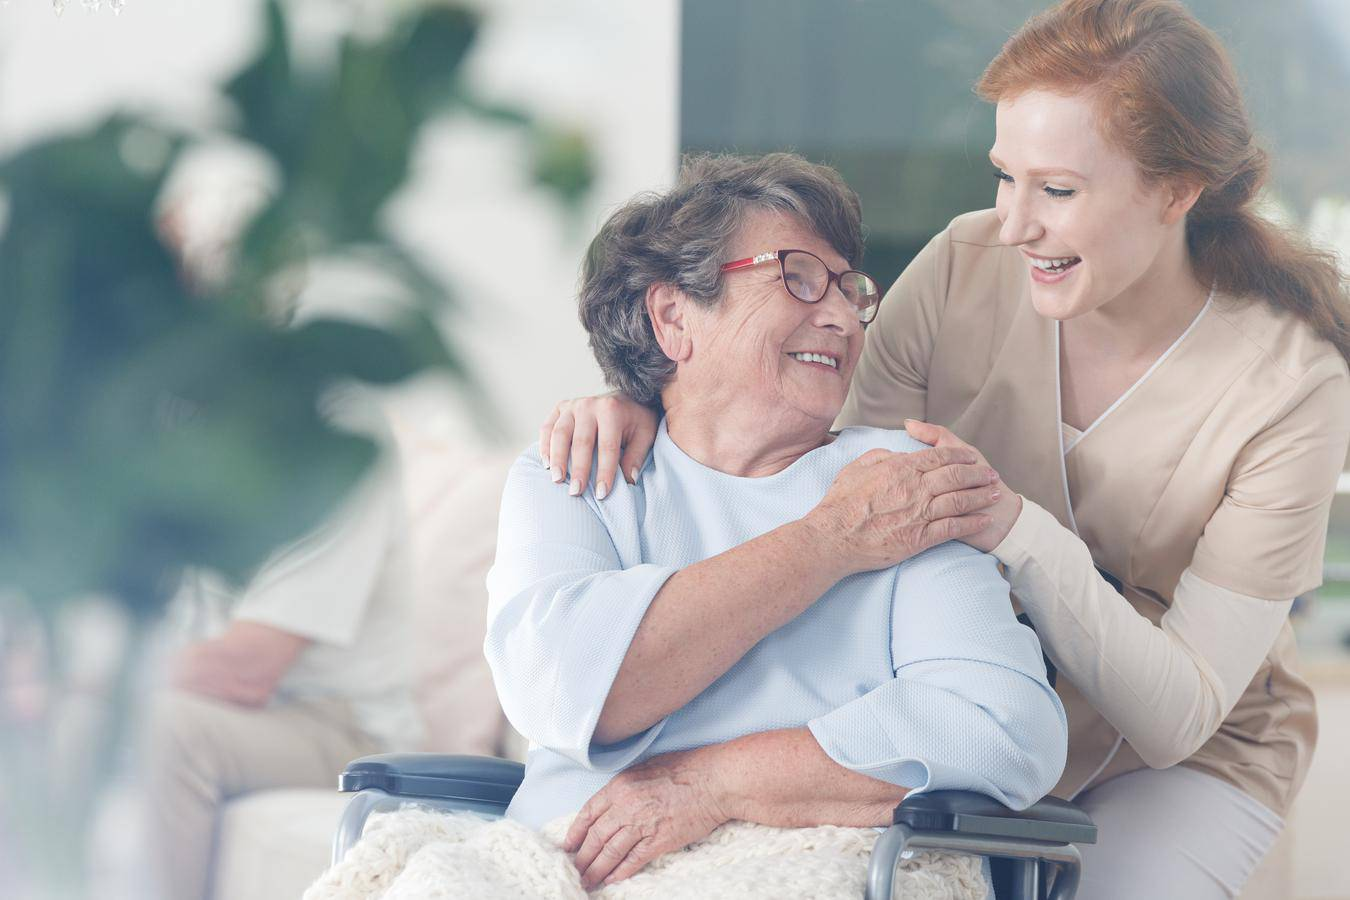 Gesundheits- und Krankenpfleger - Intensivmedizin